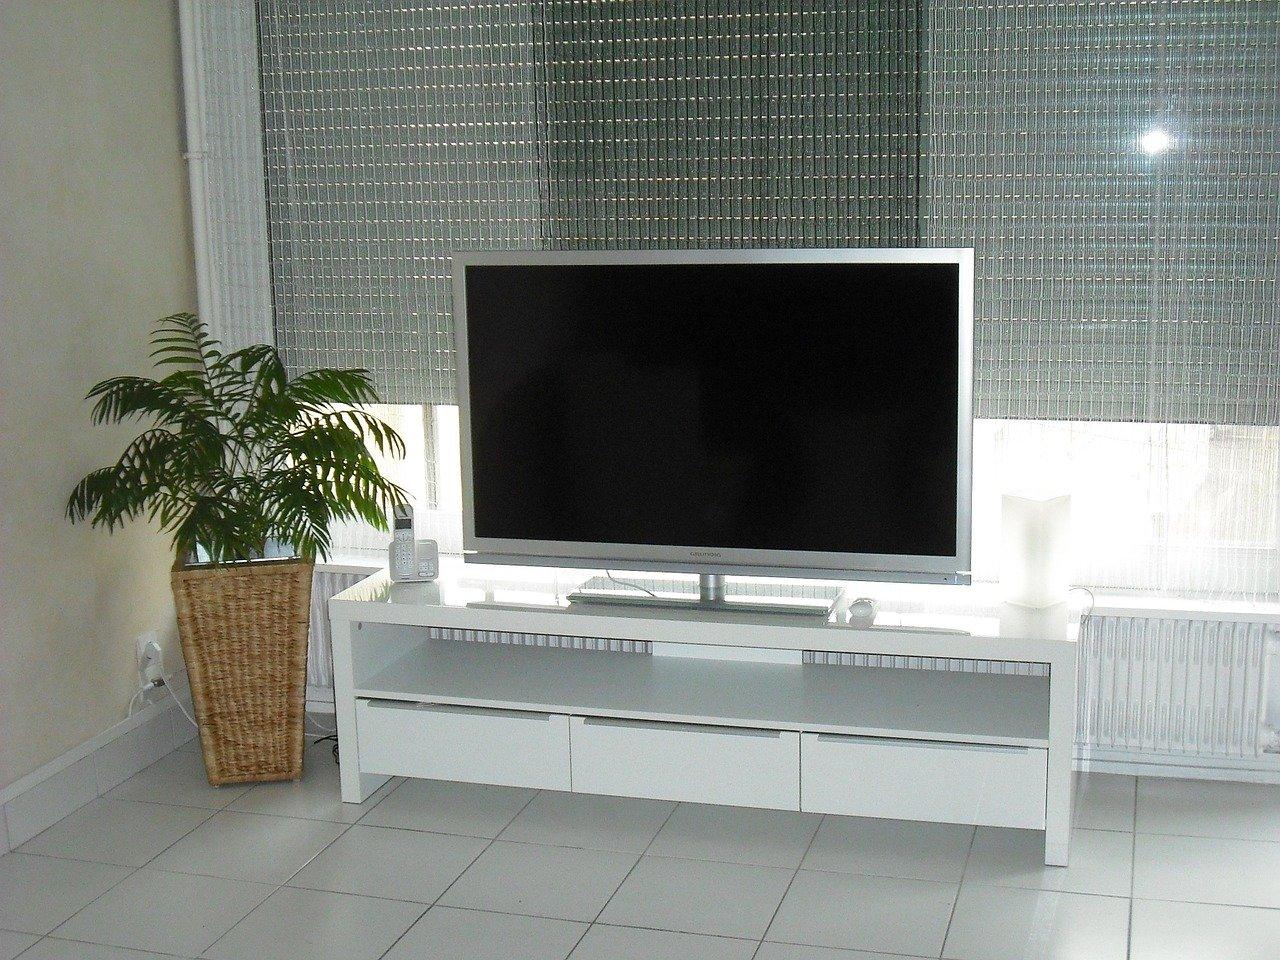 知っていますか?一人暮らしにベストなテレビのサイズ